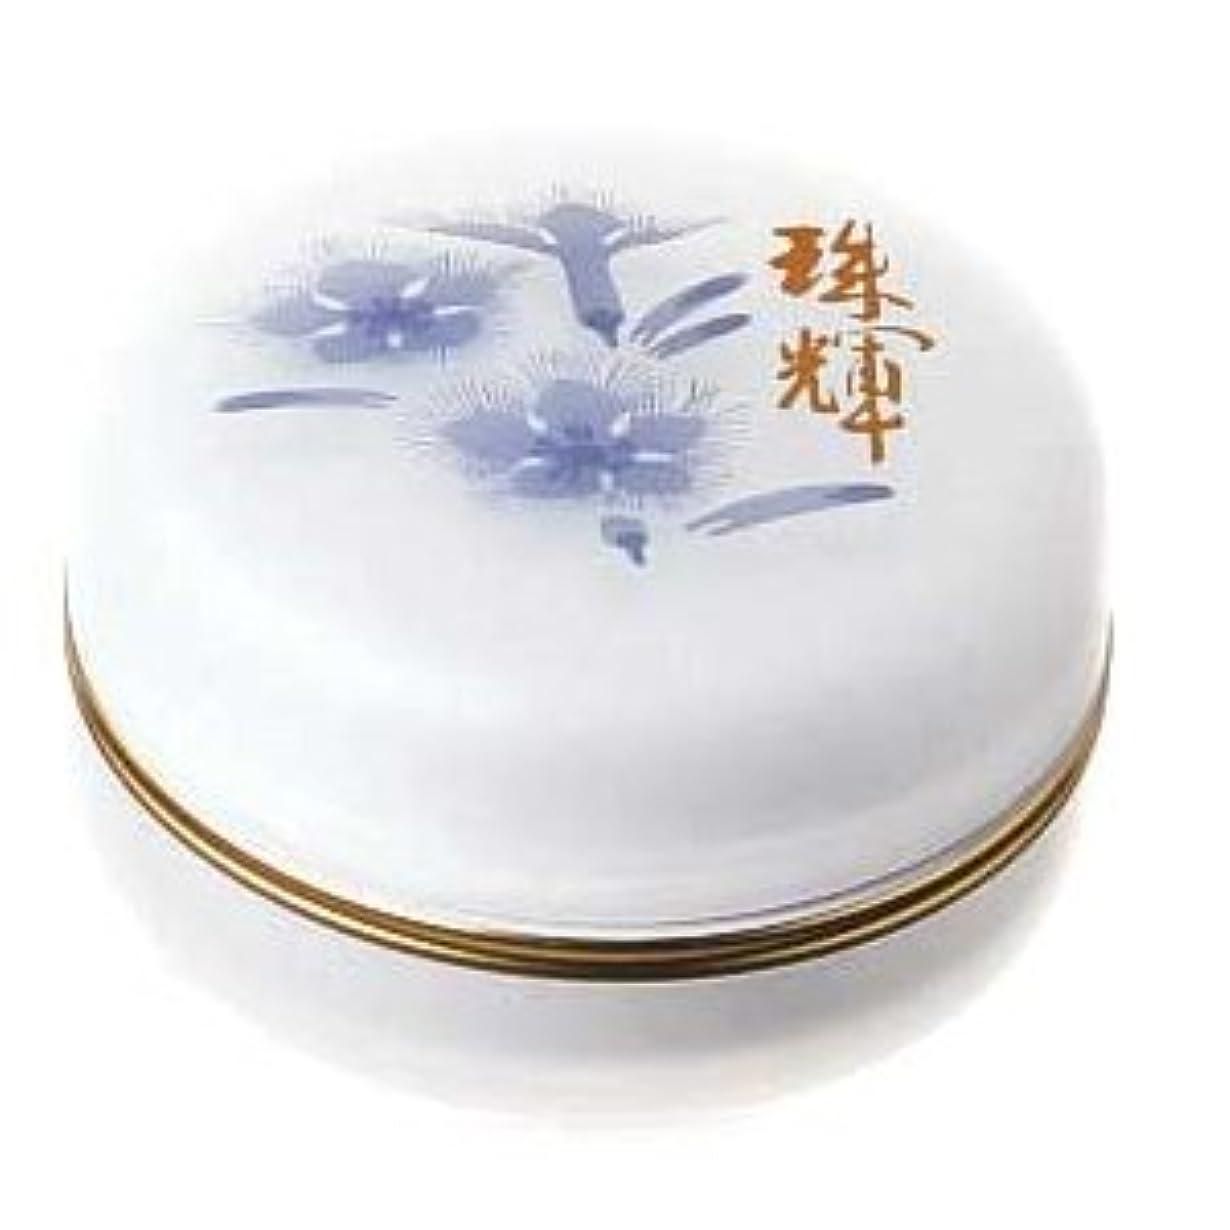 モートメカニック肌寒いオッペン 薬用妙 薬用珠輝(じゅこう)<医薬部外品>(80g)